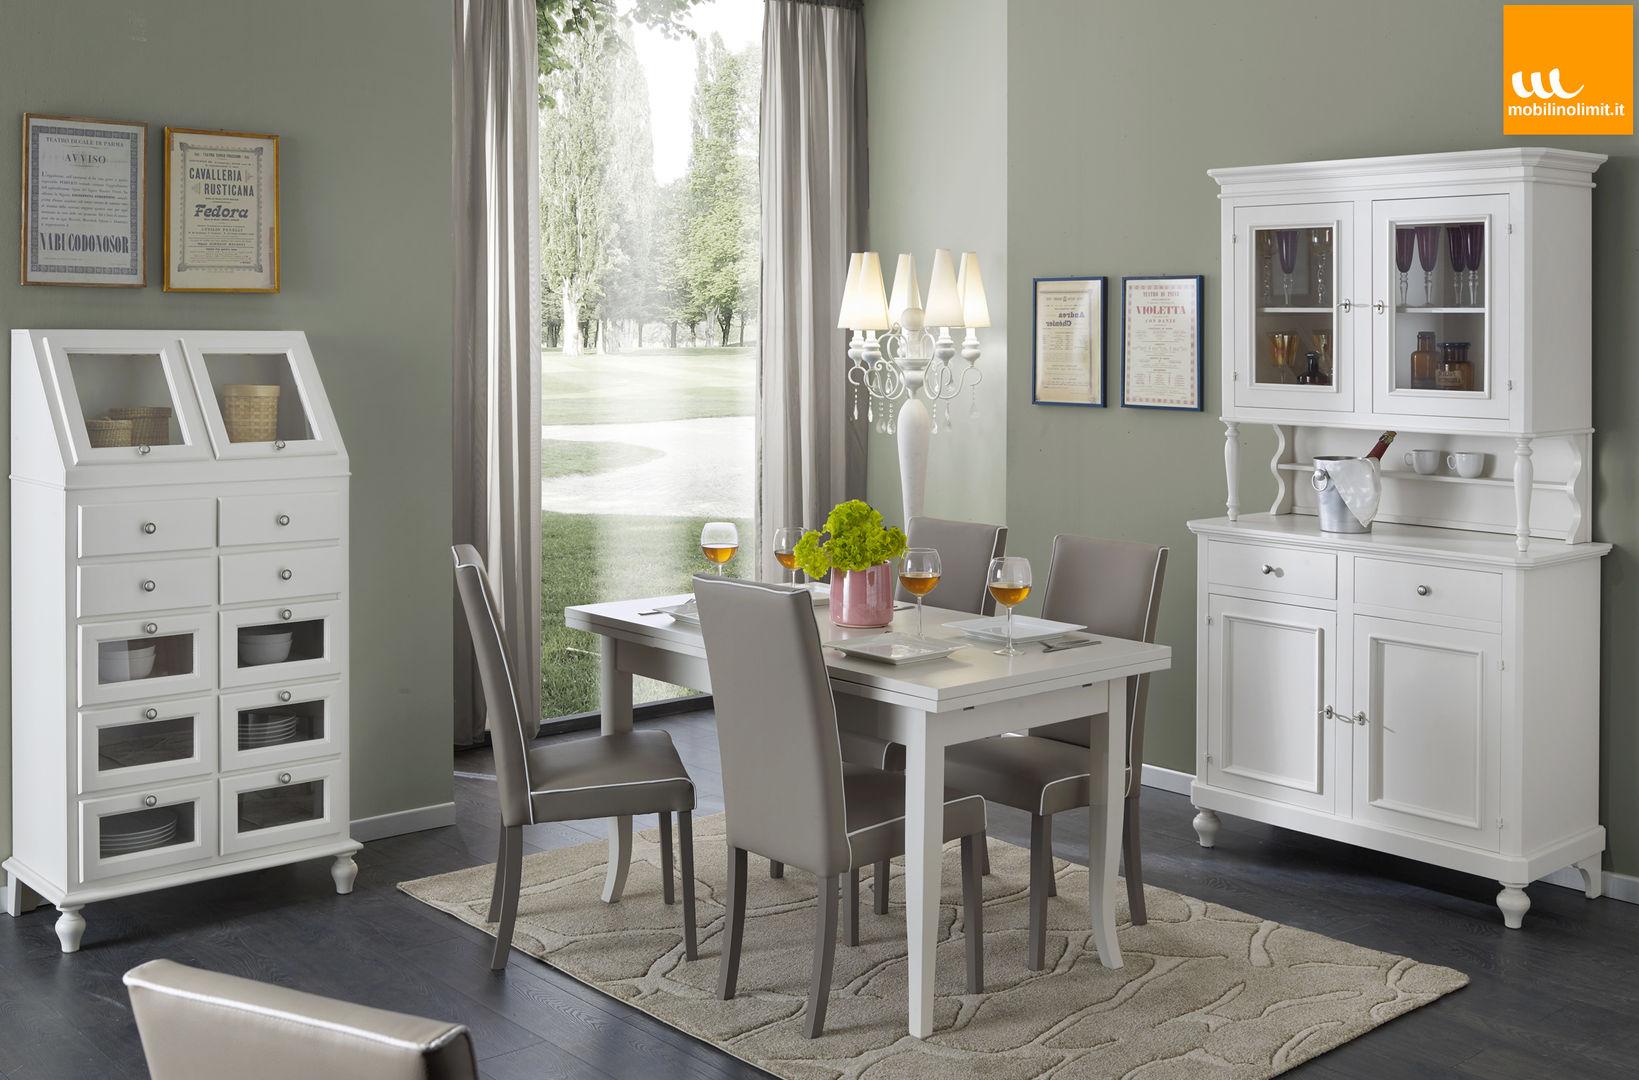 Eccezionale Idee Arredamento Casa & Interior Design | homify PI54